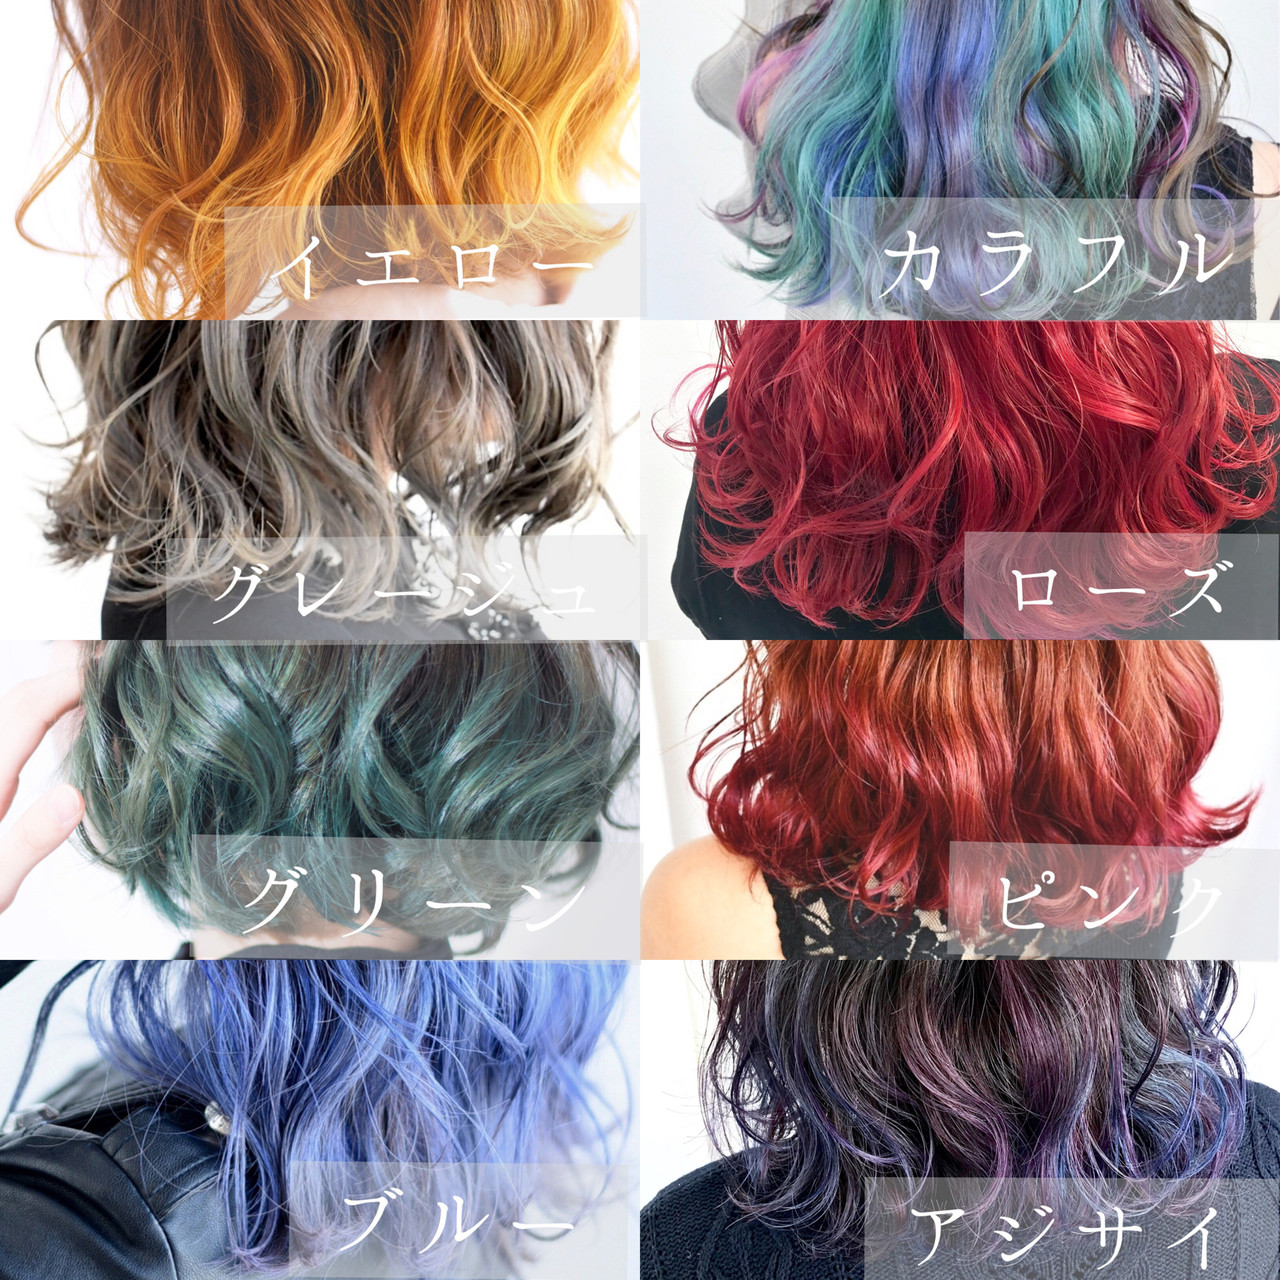 ミディアム グラデーションカラー グレージュ 裾カラー ヘアスタイルや髪型の写真・画像